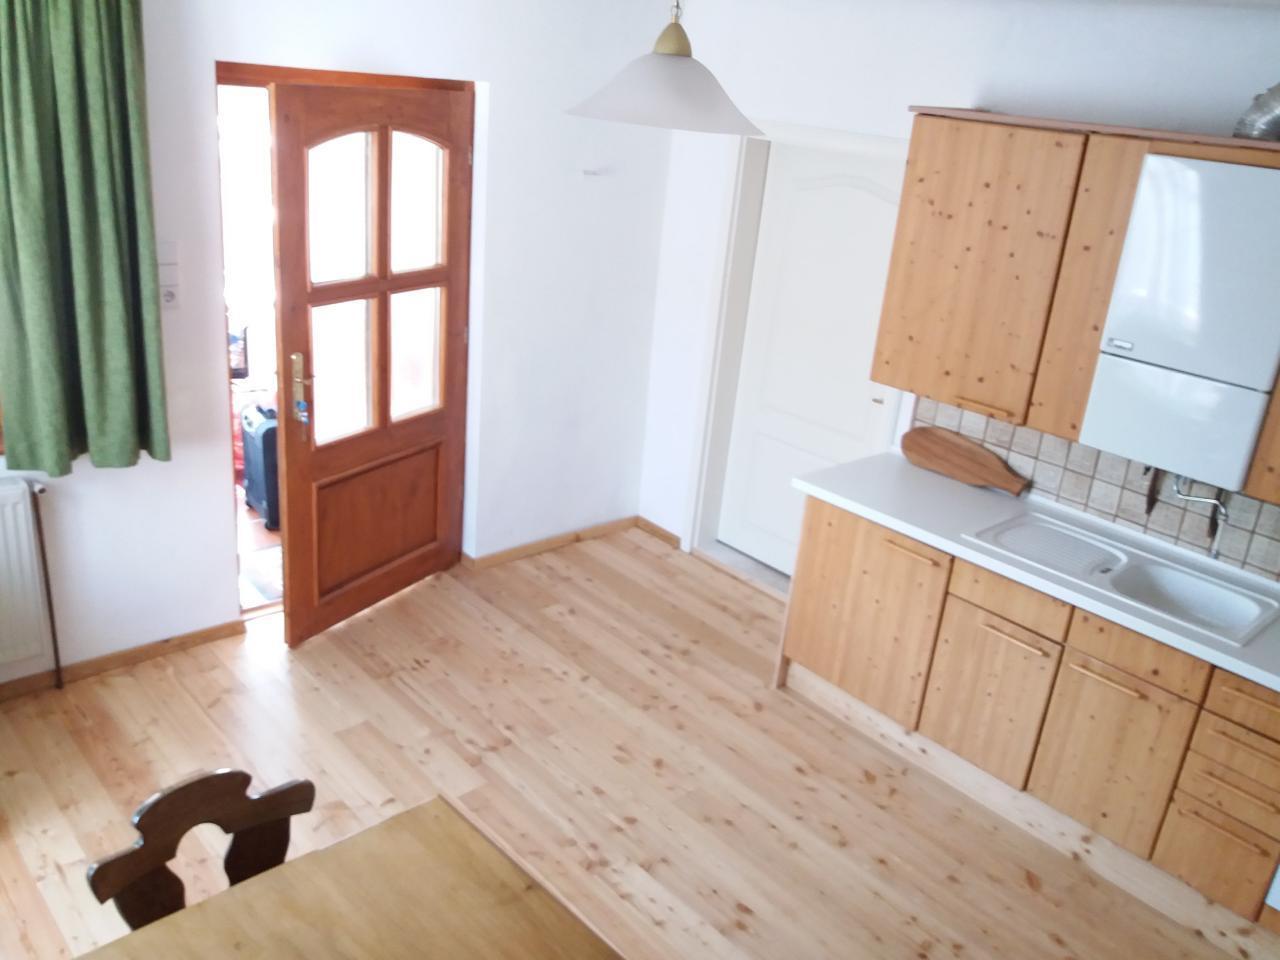 Maison de vacances Hauskirchen 30 Minuten vor Wien (2423579), Hauskirchen, Weinviertel, Basse Autriche, Autriche, image 13